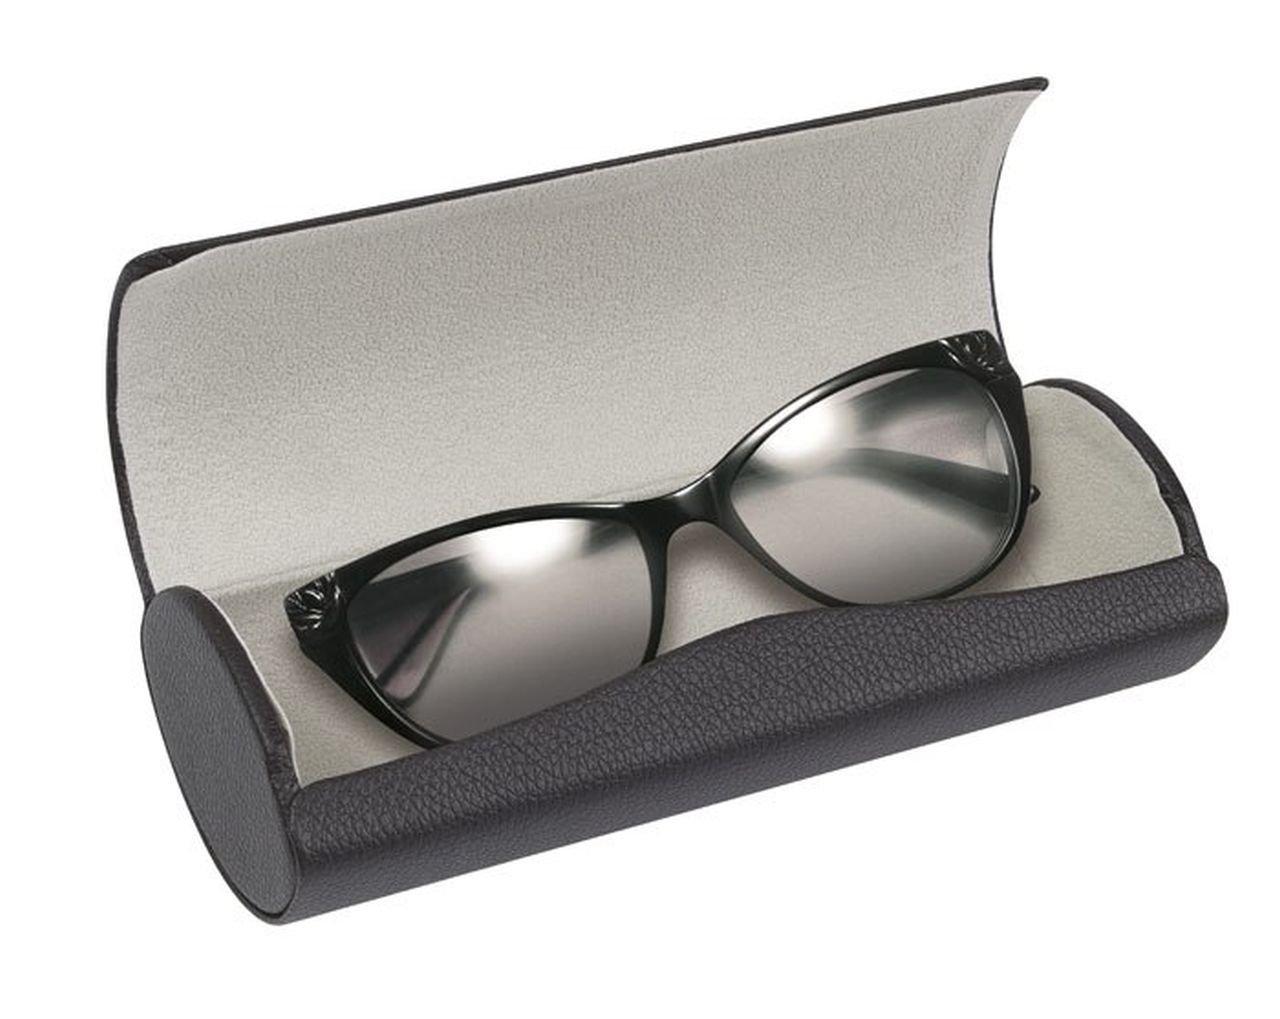 Ten Estuche por Gafas Negro con Interior Gris cod.EL27125 cm 7, 5x17x5h by Varotto & Co.